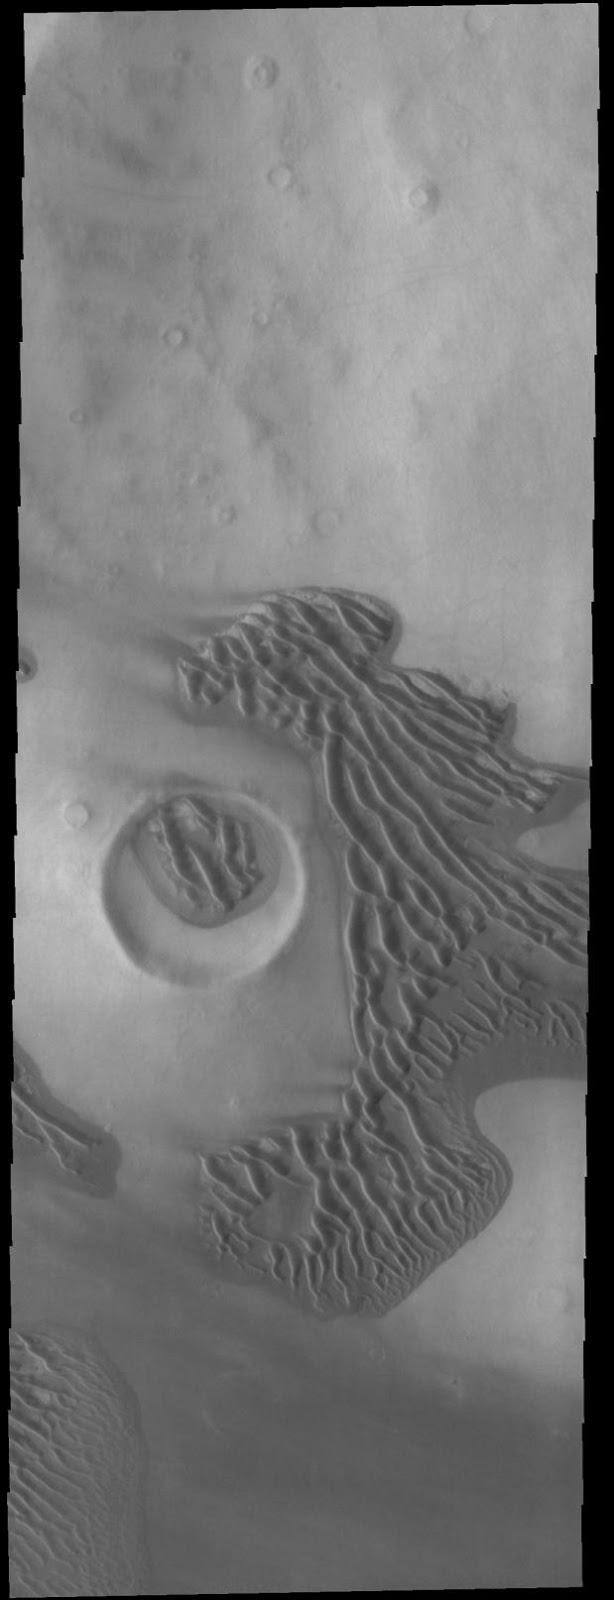 DUNAS EN LAS LLANURAS DE TERRA SIRENUM EN MARTE FOTOGRAFIADAS POR LA SONDA MARS ODYSSEY EL 22 MARZO 2017